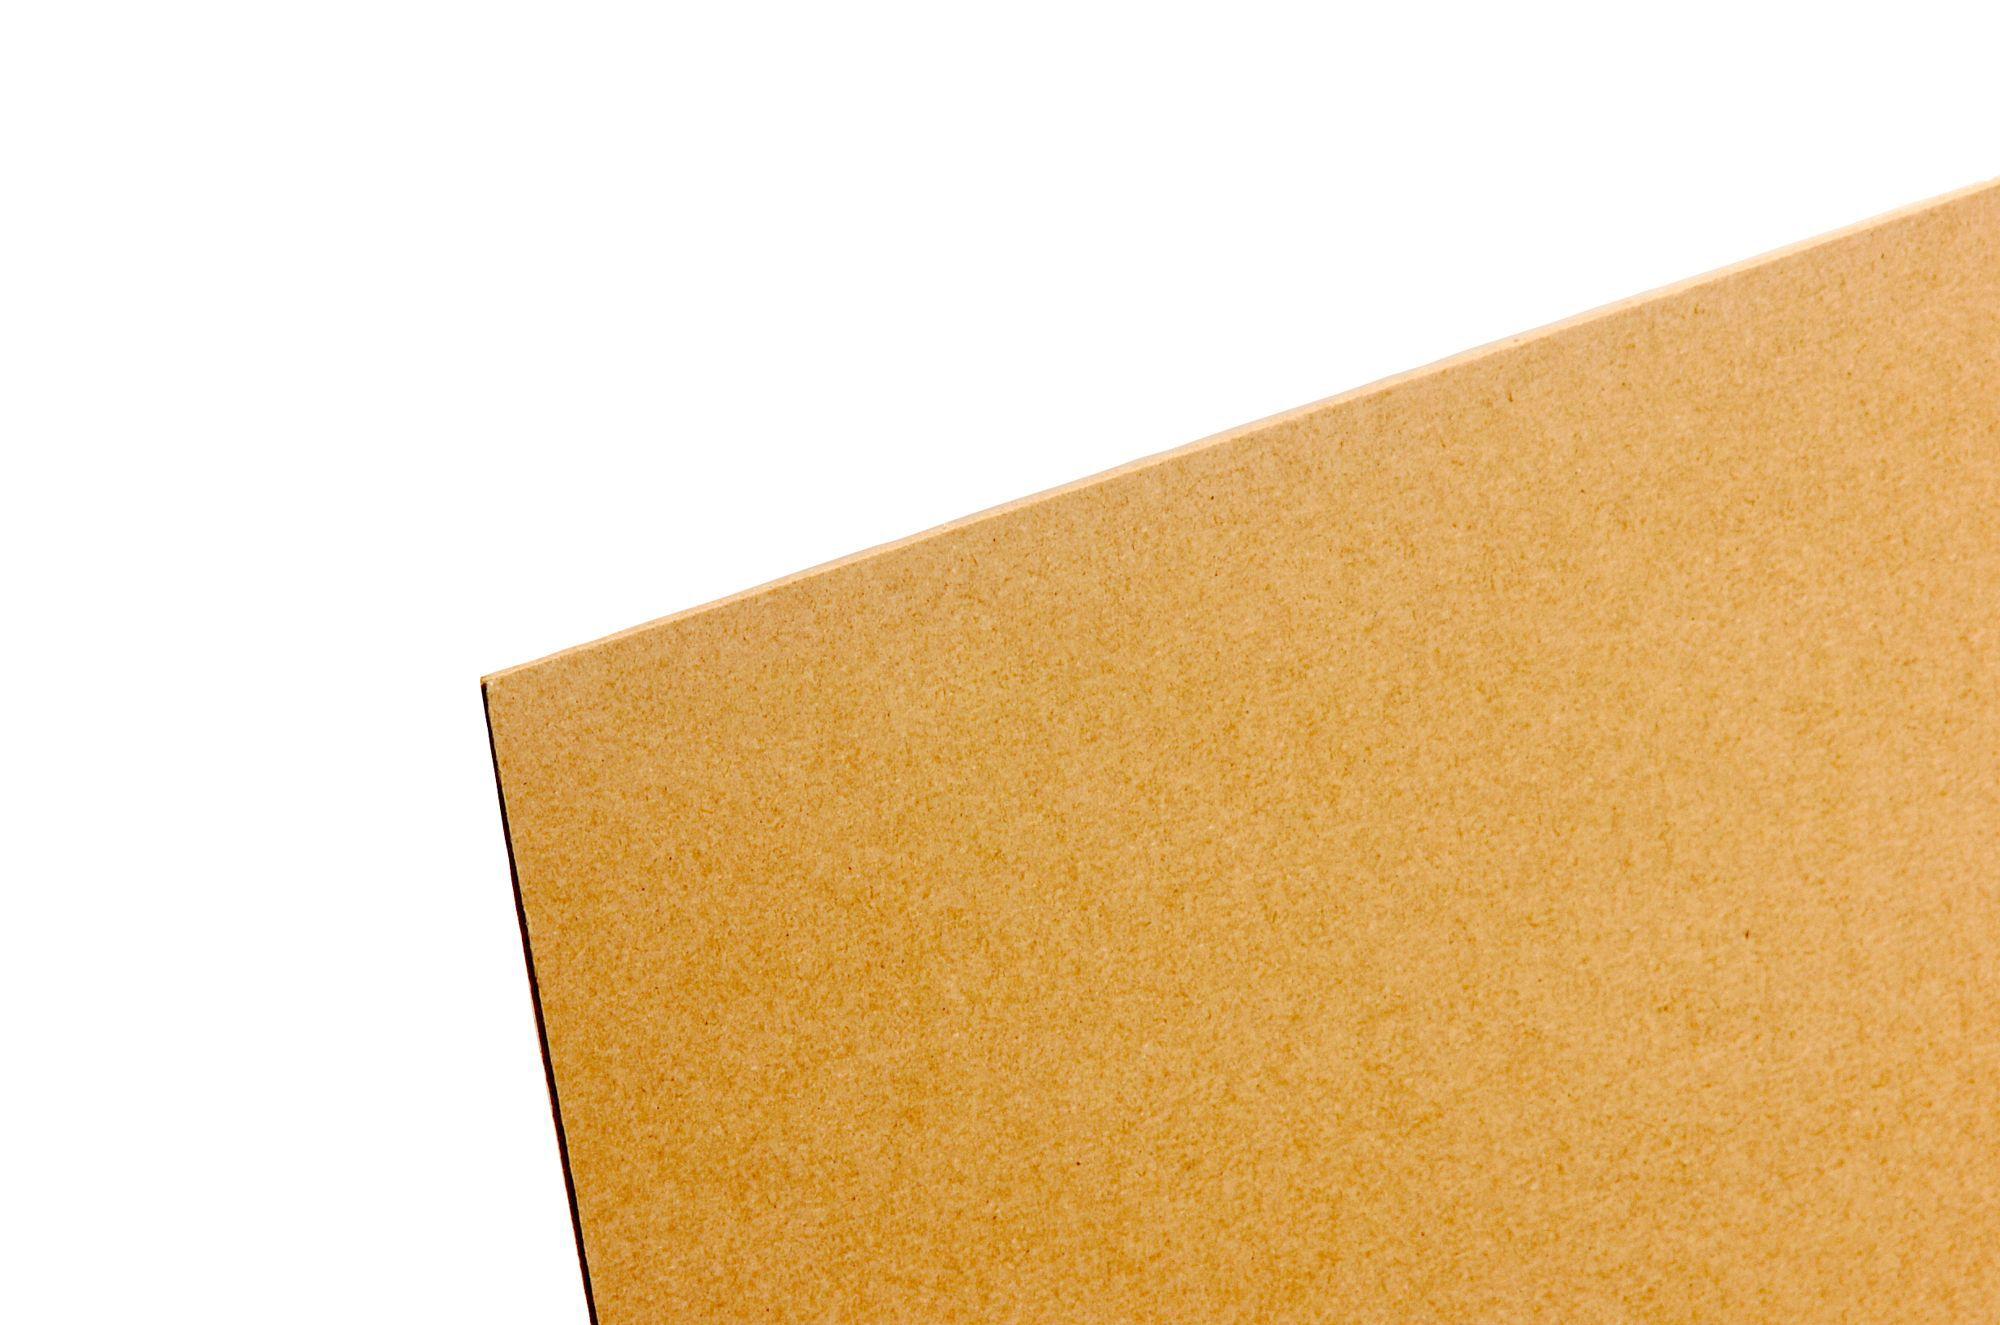 Hardboard Sheet (Th)3mm (W)610mm (L)1830mm | Departments ...